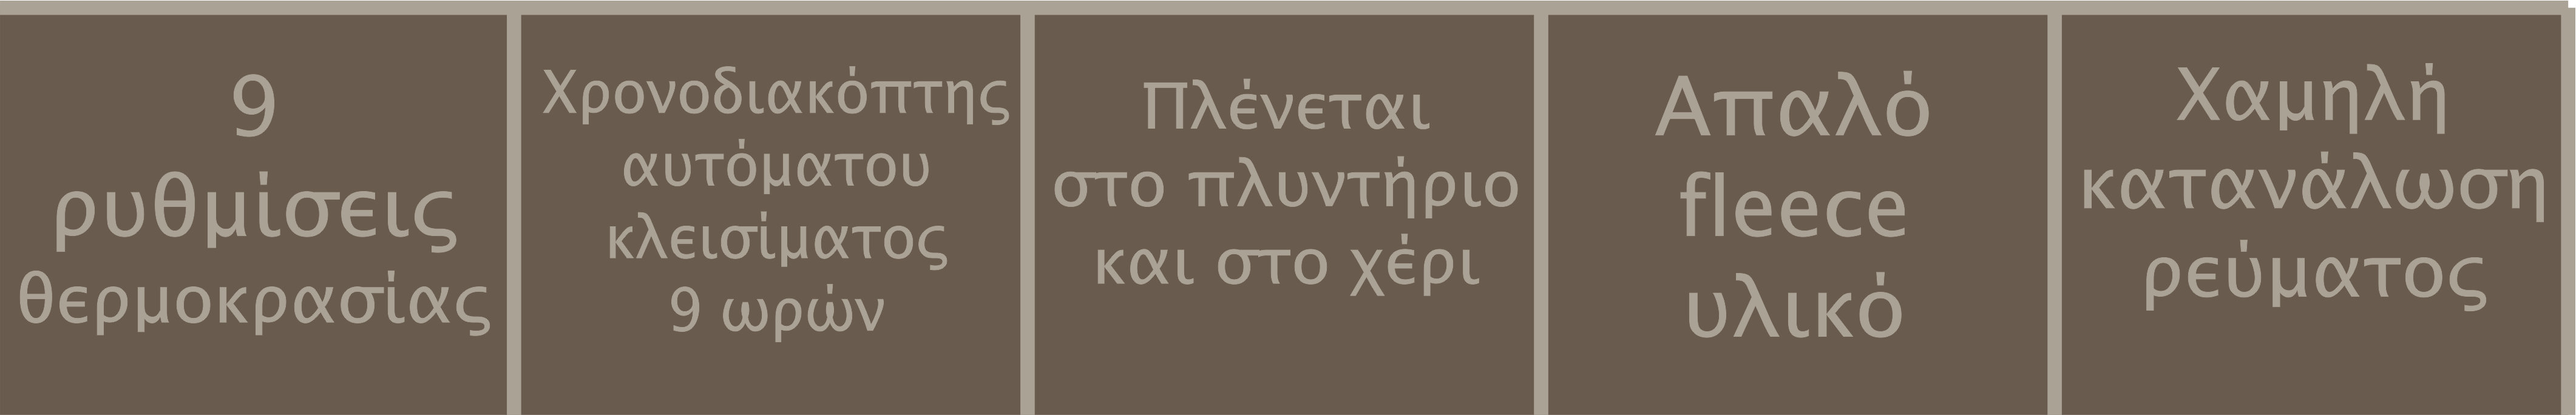 ΧΑΡΑΚΤΗΡΙΣΤΙΚΑ